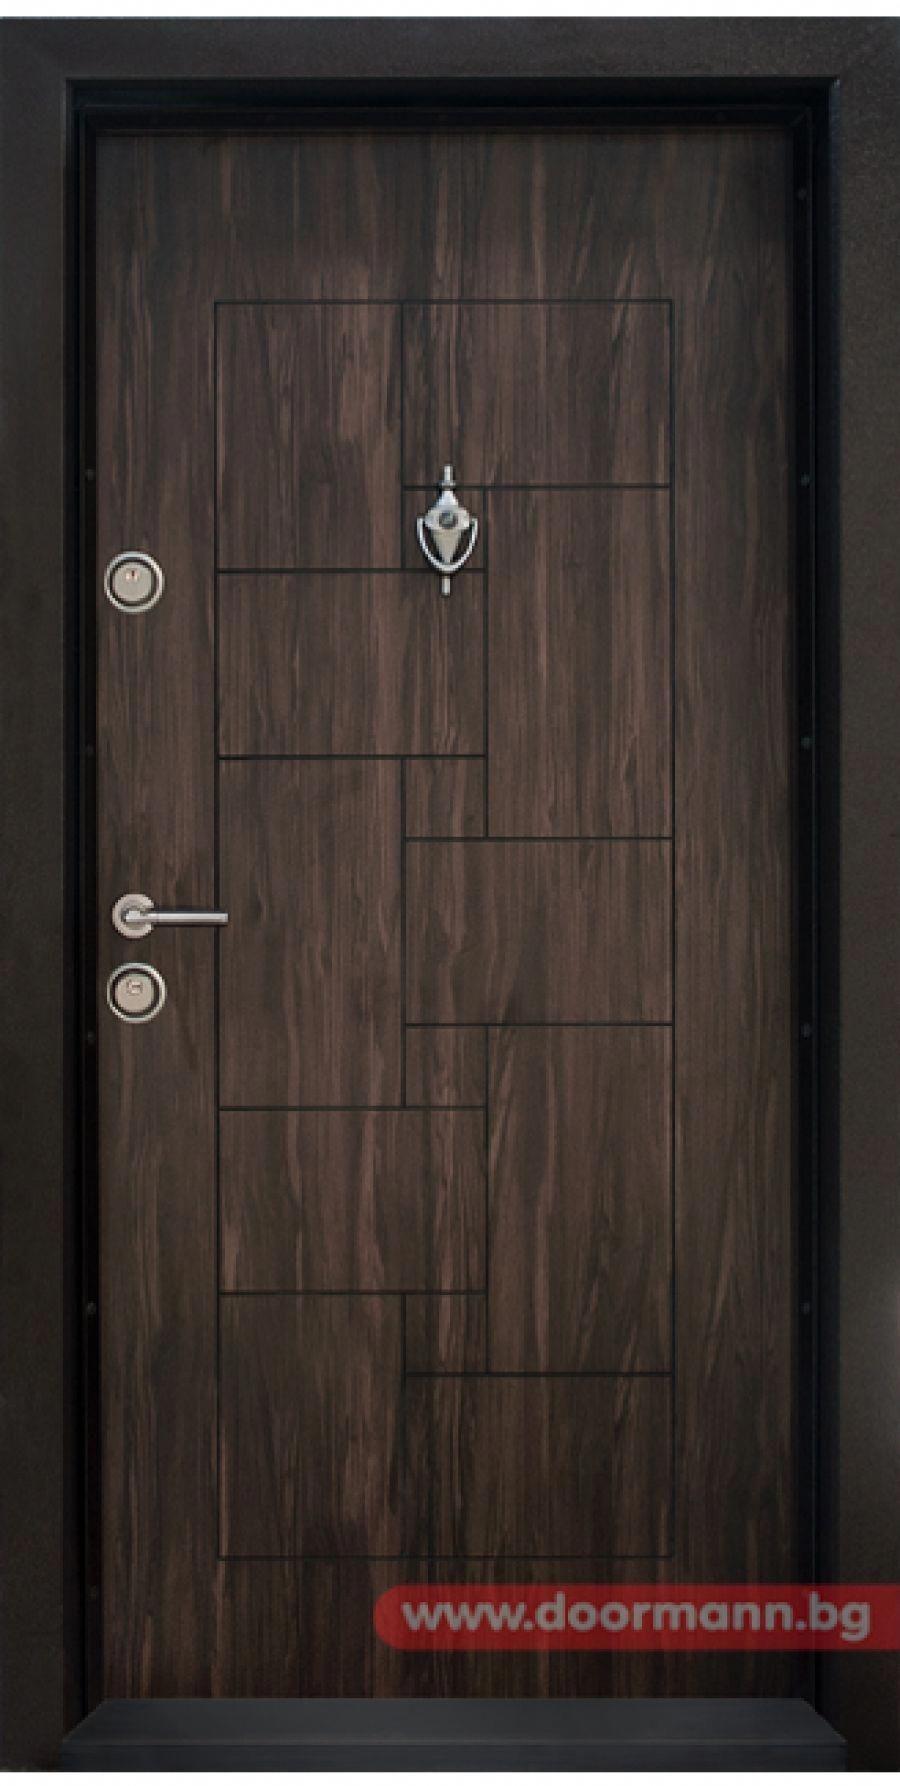 Interior Wood Doors Solid Wood Interior Doors Prehung Arch Door 20181201 Wood Doors Interior Wood Doors Wooden Doors